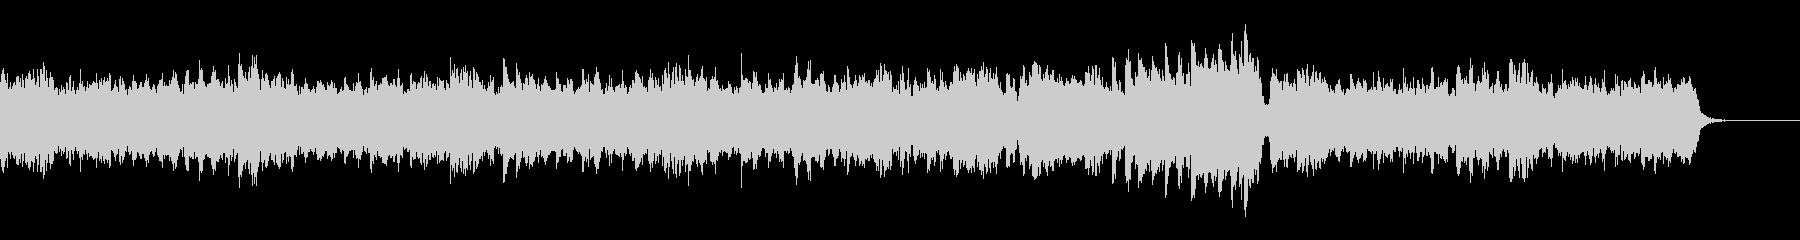 ハリウッド「ほのぼの日常」オーケストラaの未再生の波形